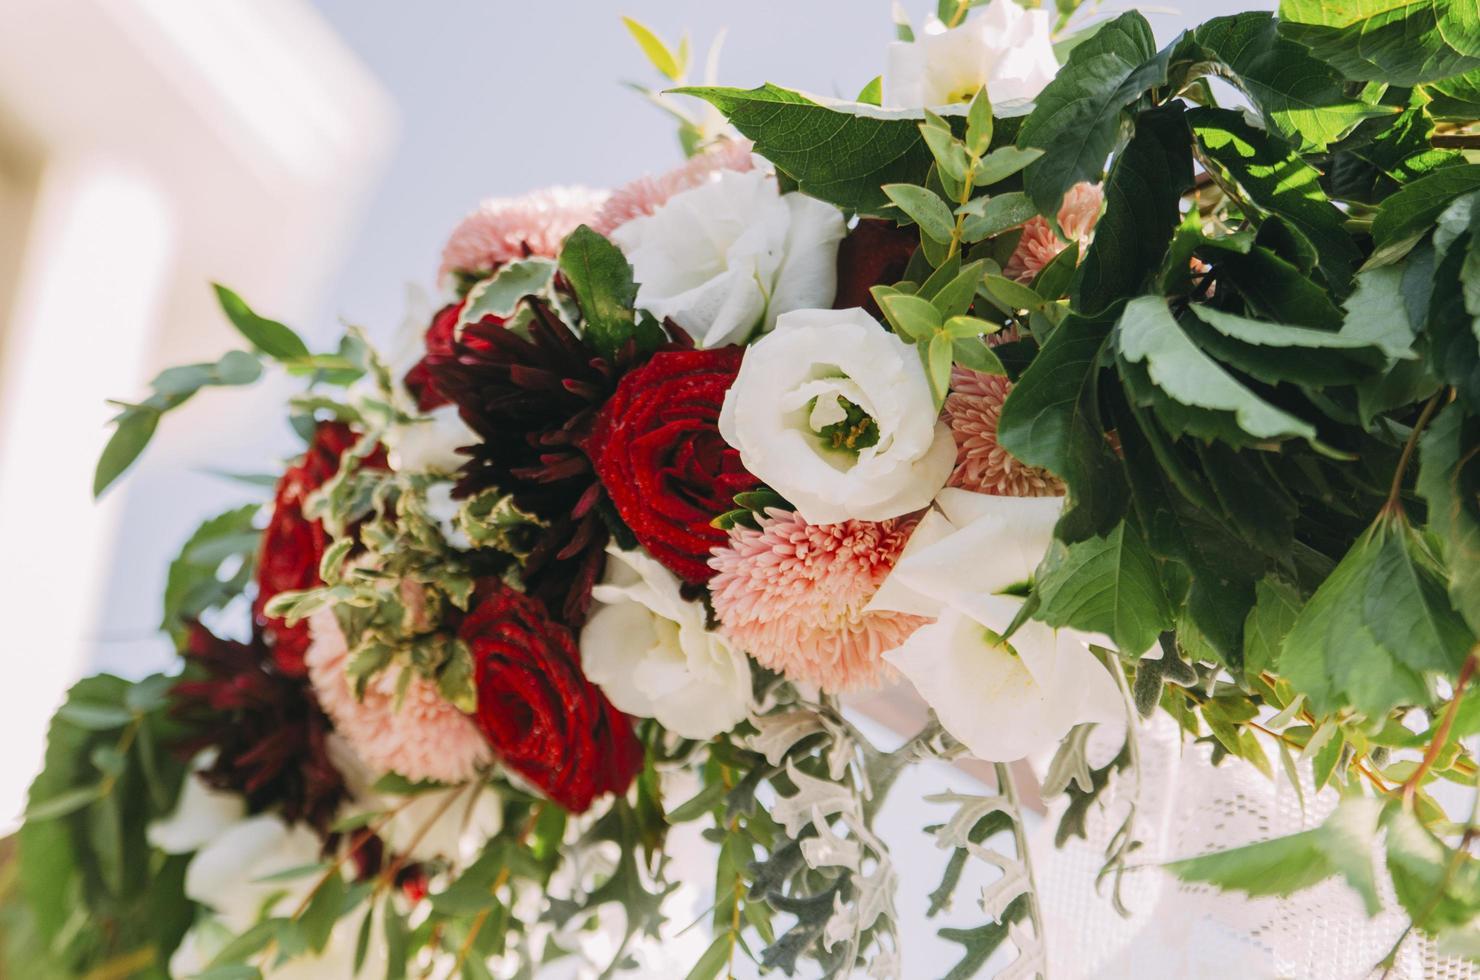 Floral arrangement outside photo